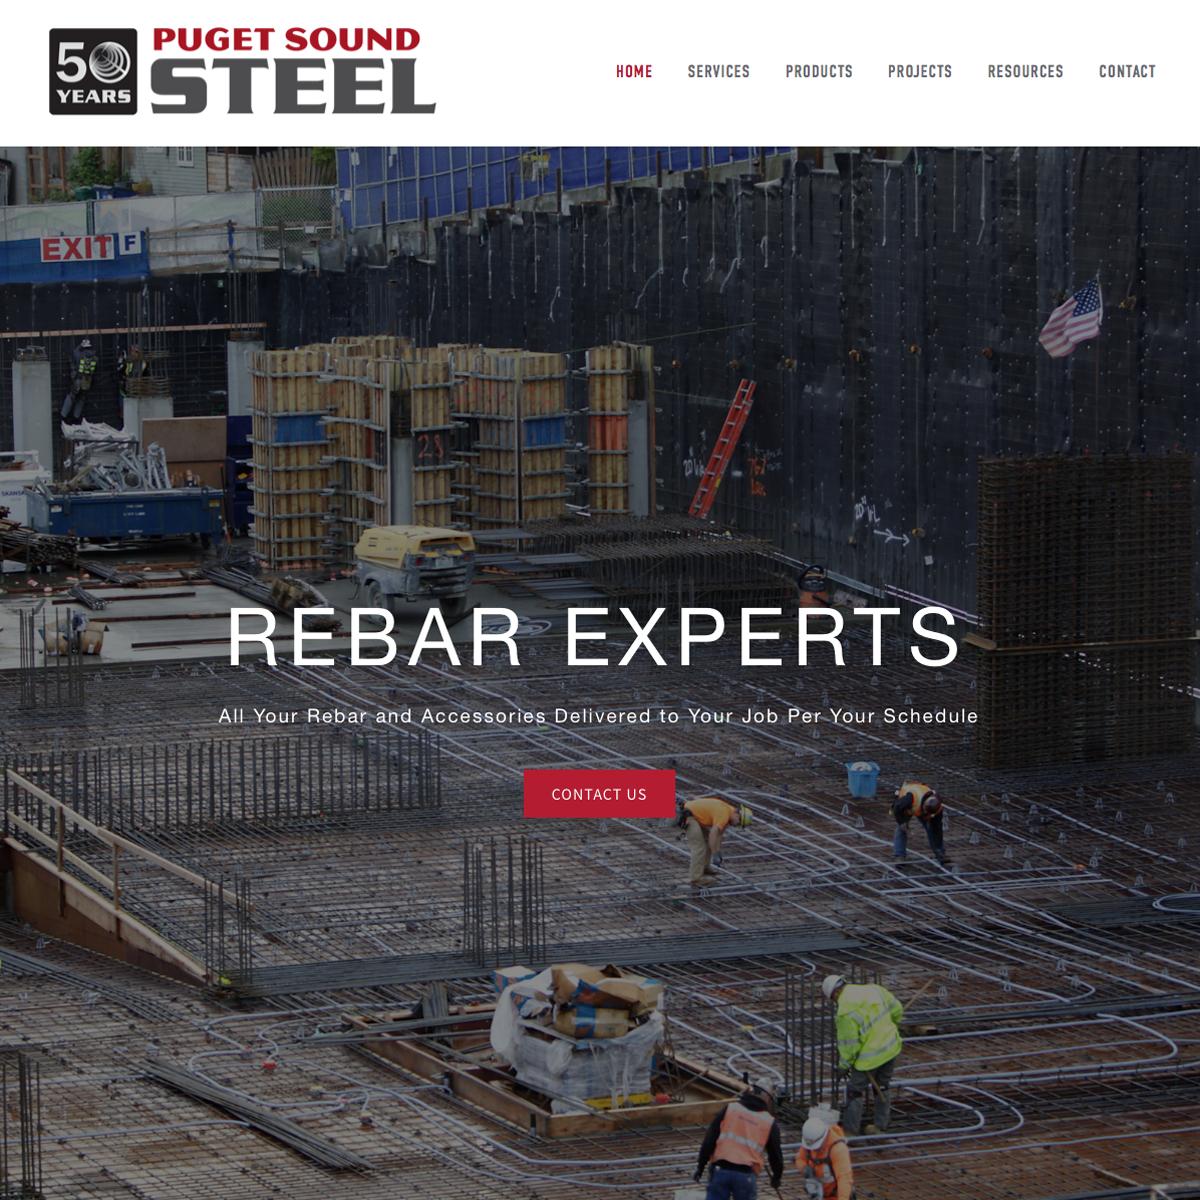 Puget Sound Steel